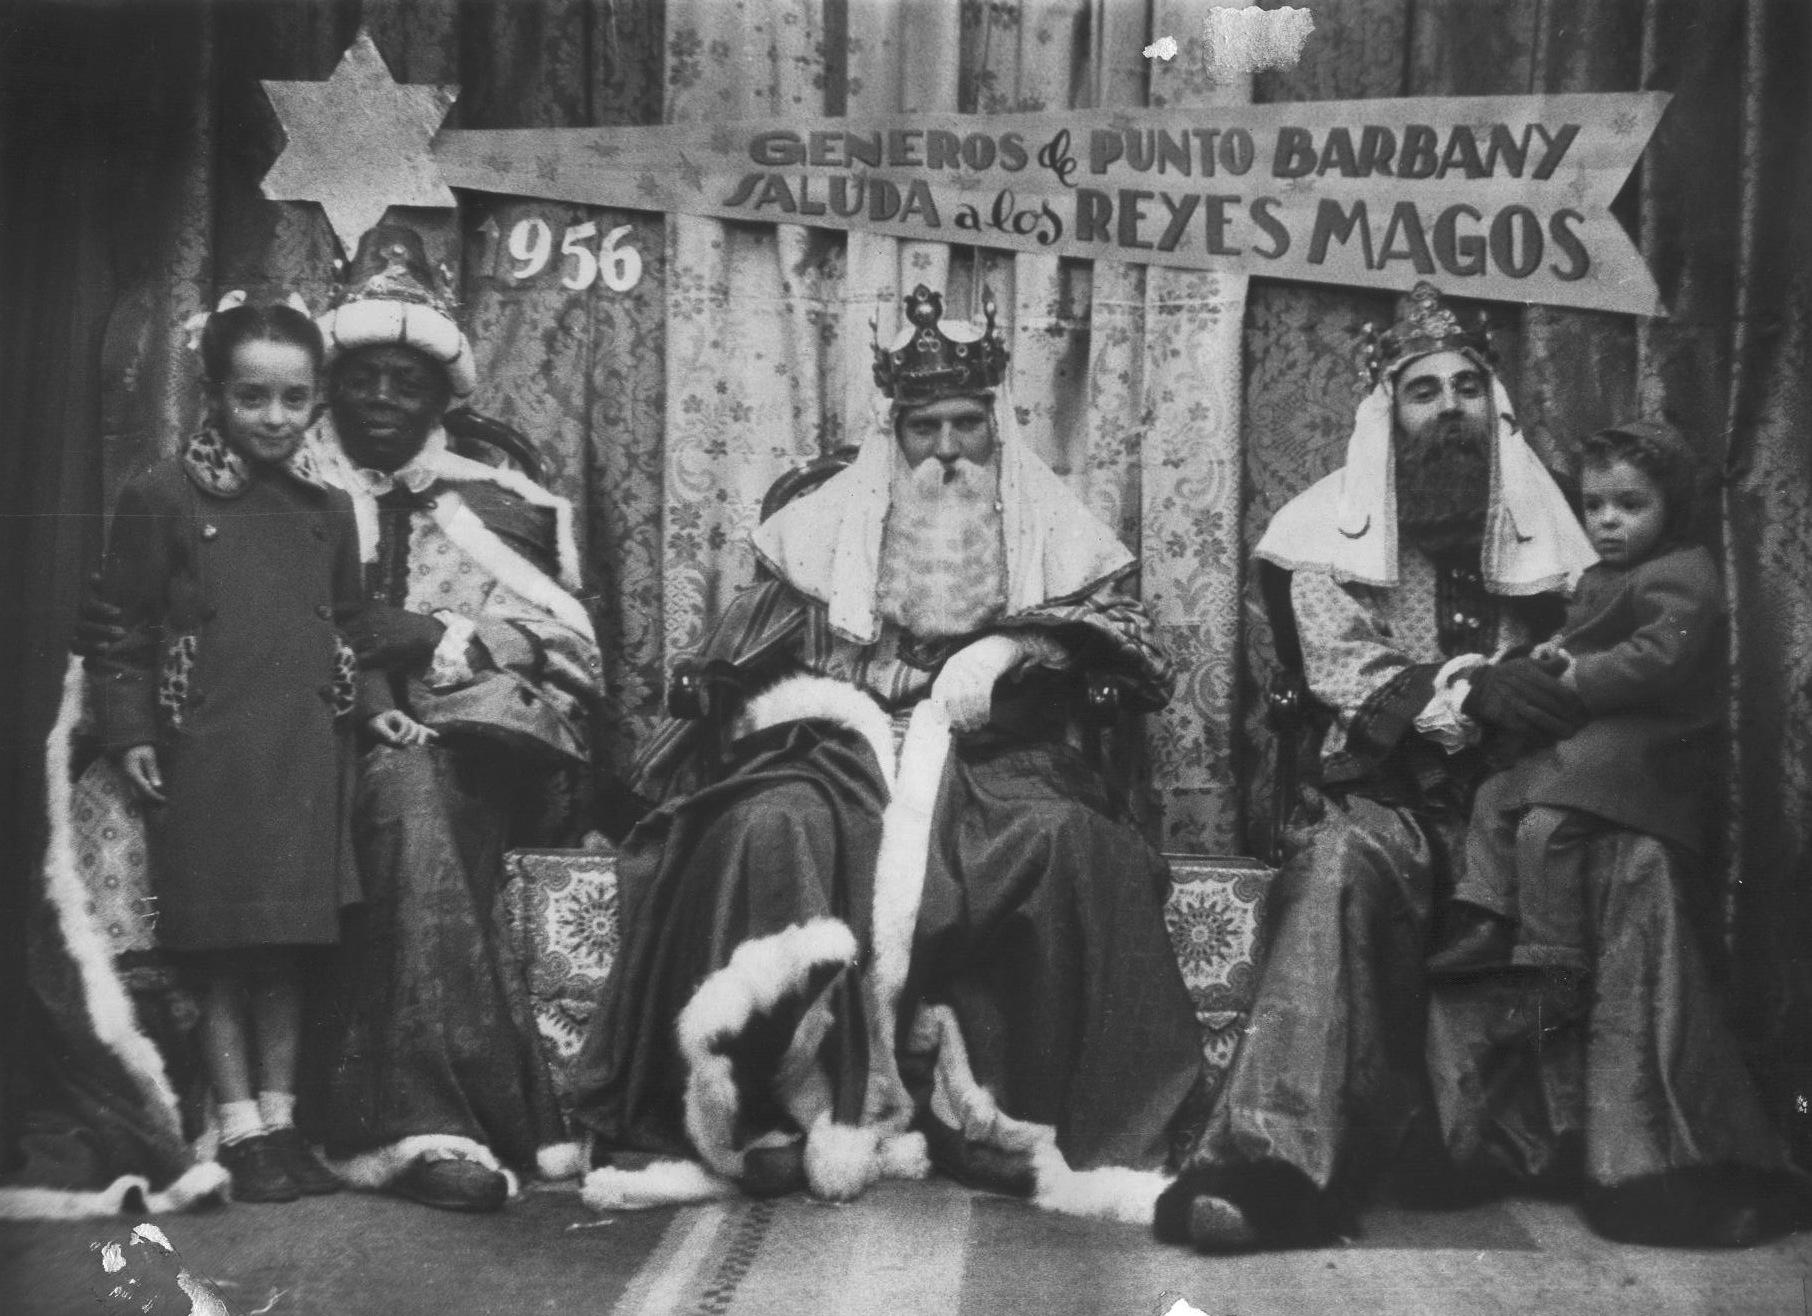 tienda-de-ropa-barbany-reyes-magos-2